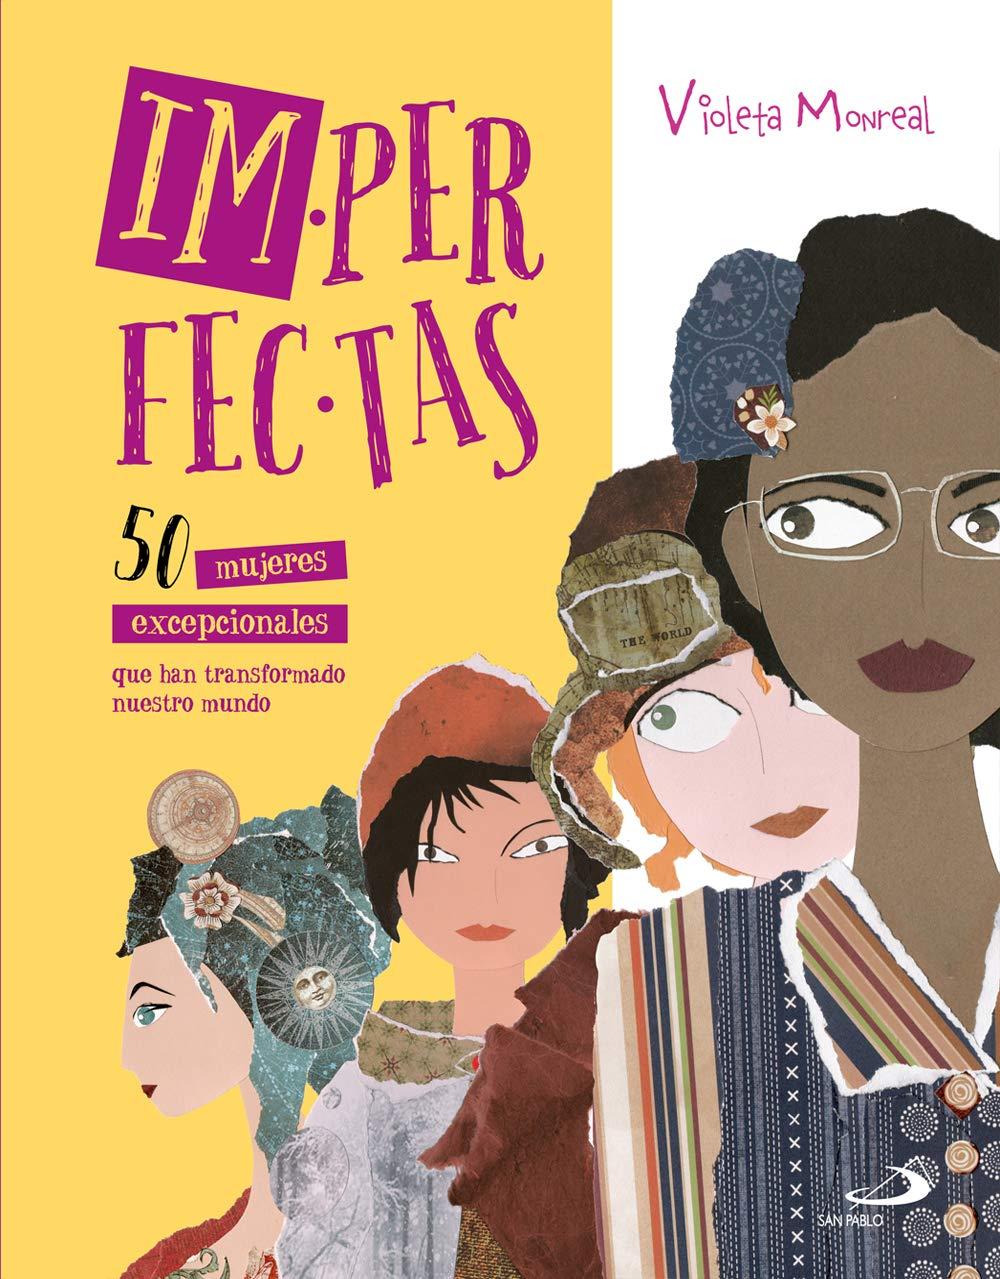 imperfectas: 50 mujeres excepcionales que han transformado nuestro mundo Cuentos y valores: Amazon.es: Monreal Díaz, Violeta, Monreal Díaz, Violeta: Libros